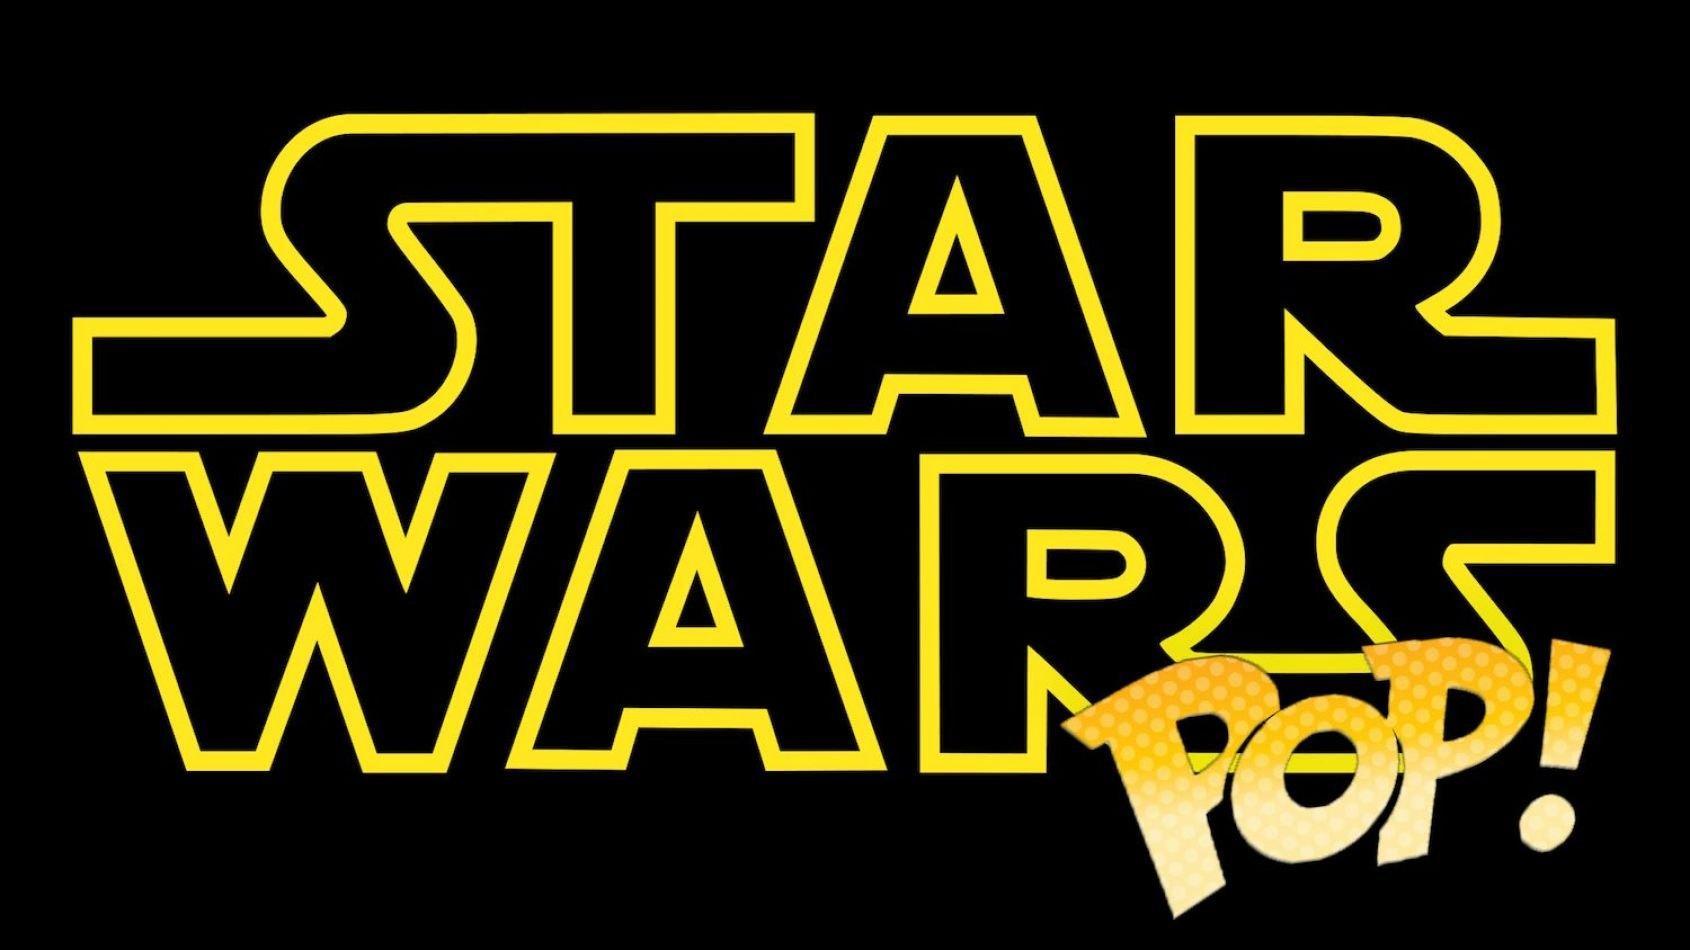 Des Funko Pop Star Wars exclusives pour le Comic Con de San Diego